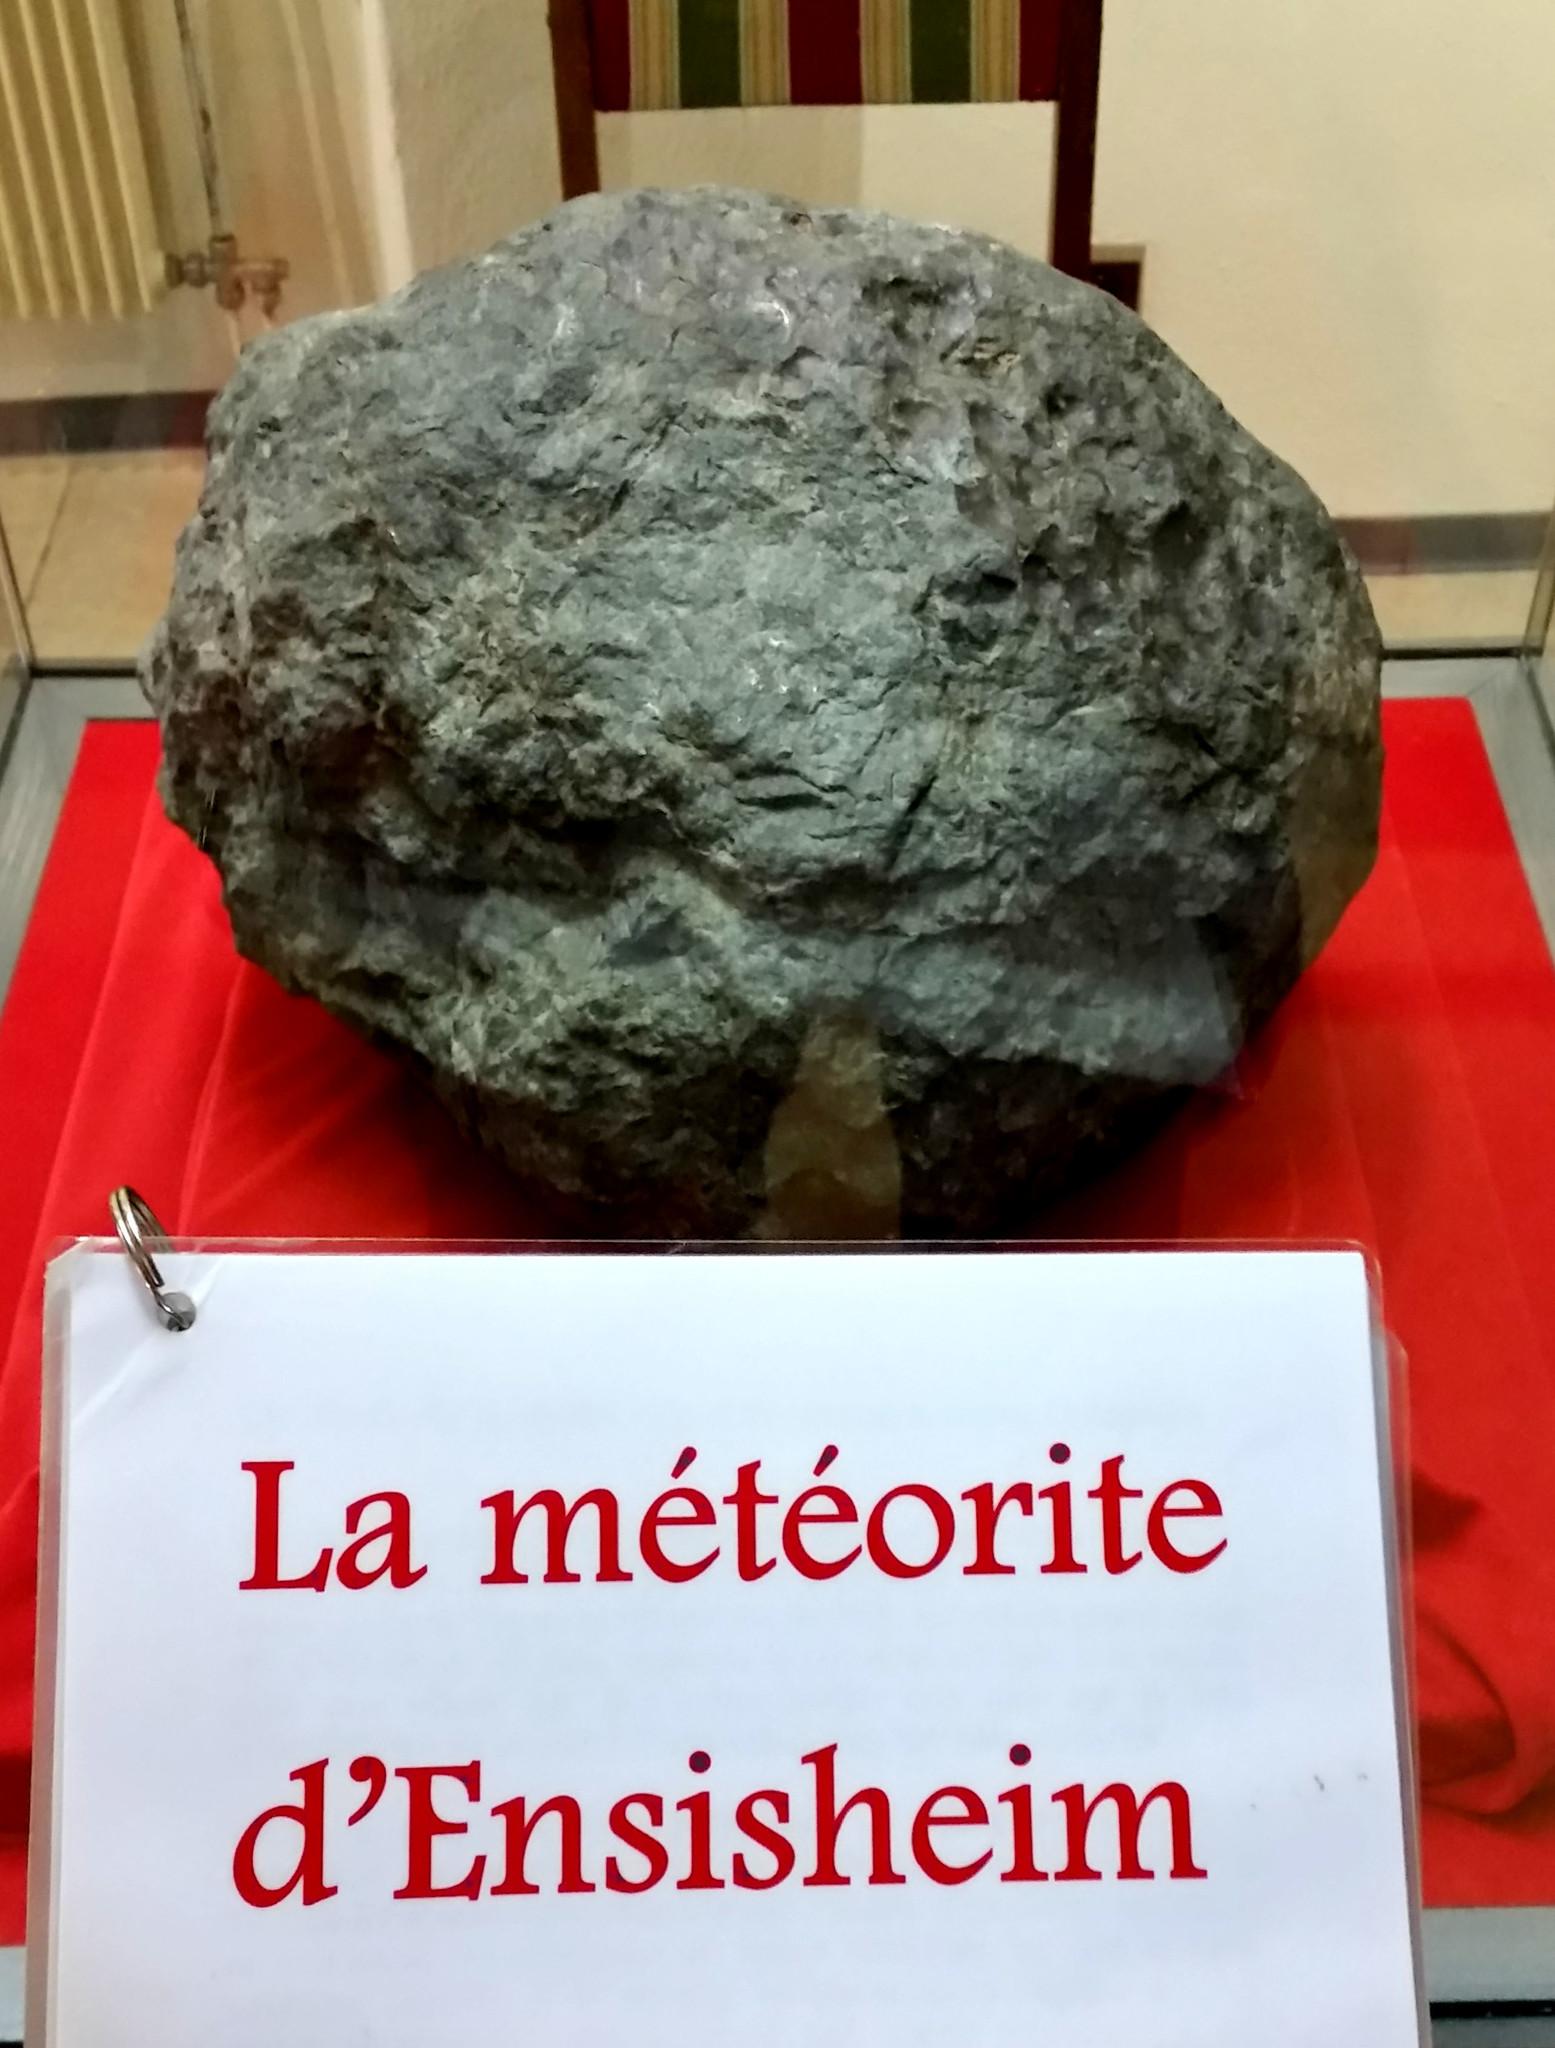 De Ensisheim meteoriet